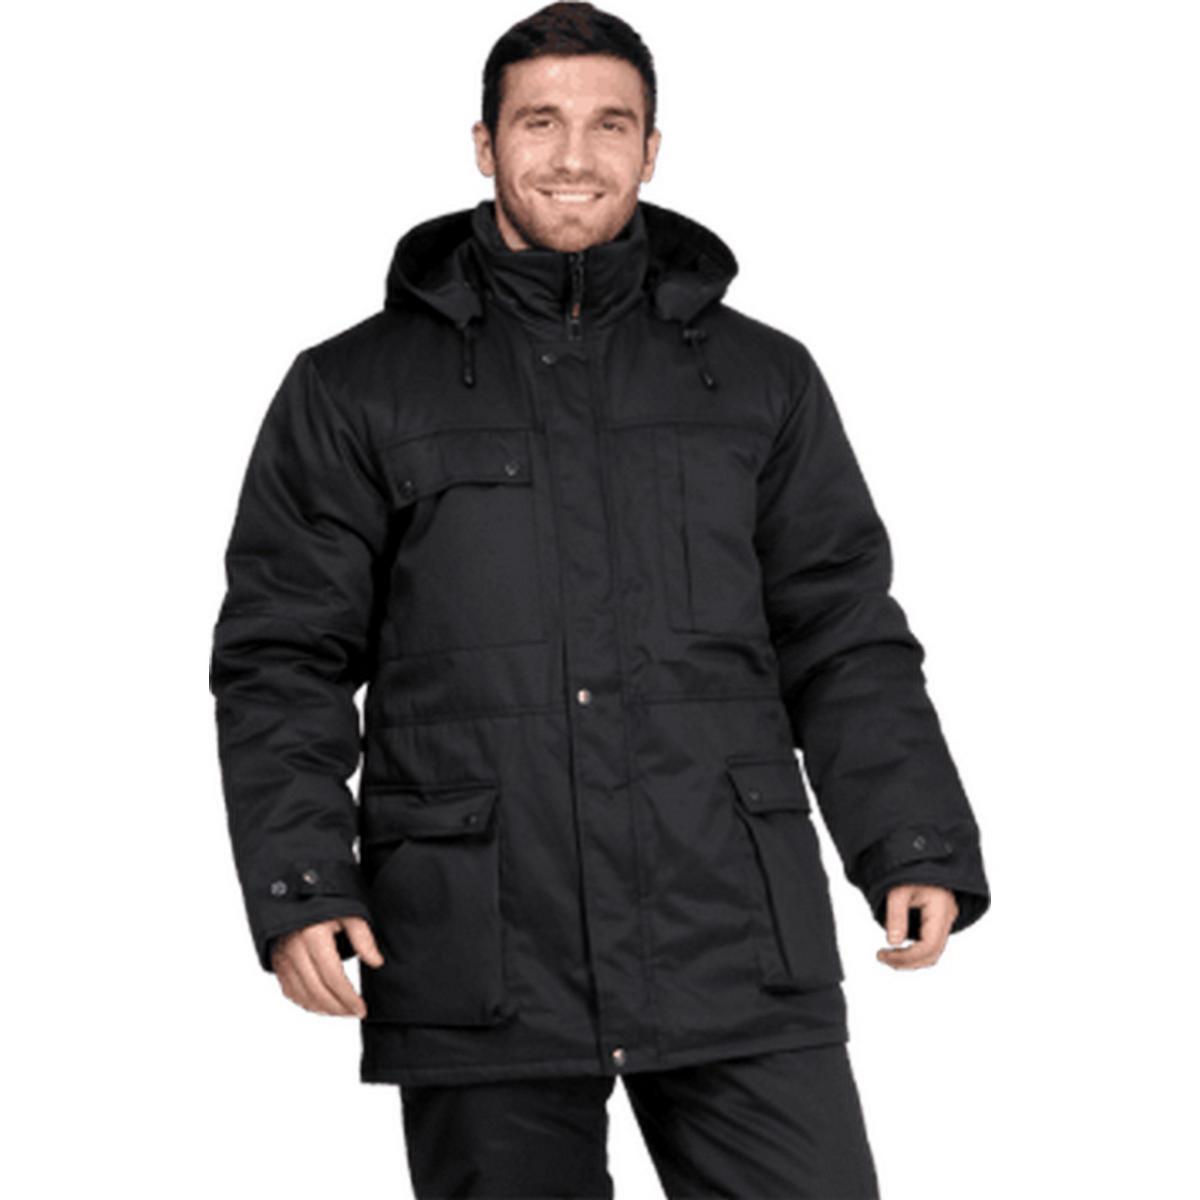 Куртка ЗАЩИТА утепленная черная (разм. 88-92 рост 170-176)